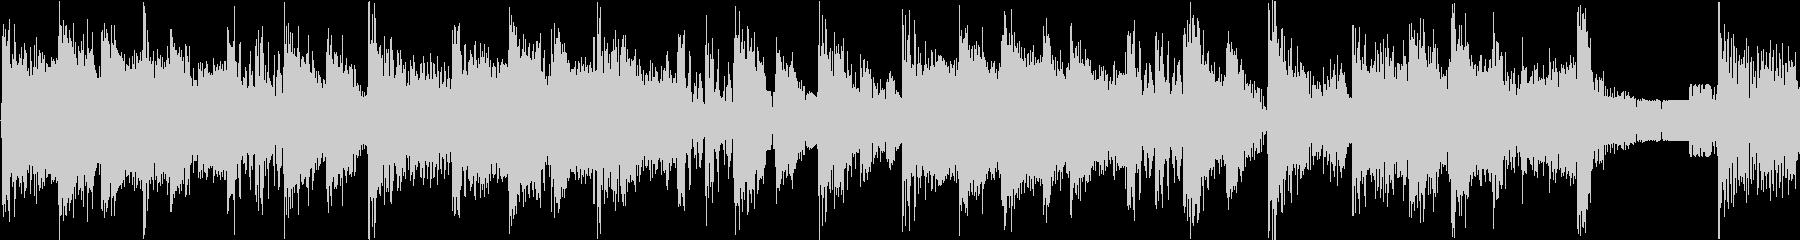 攻撃的なビートの効いたジングル_ループの未再生の波形